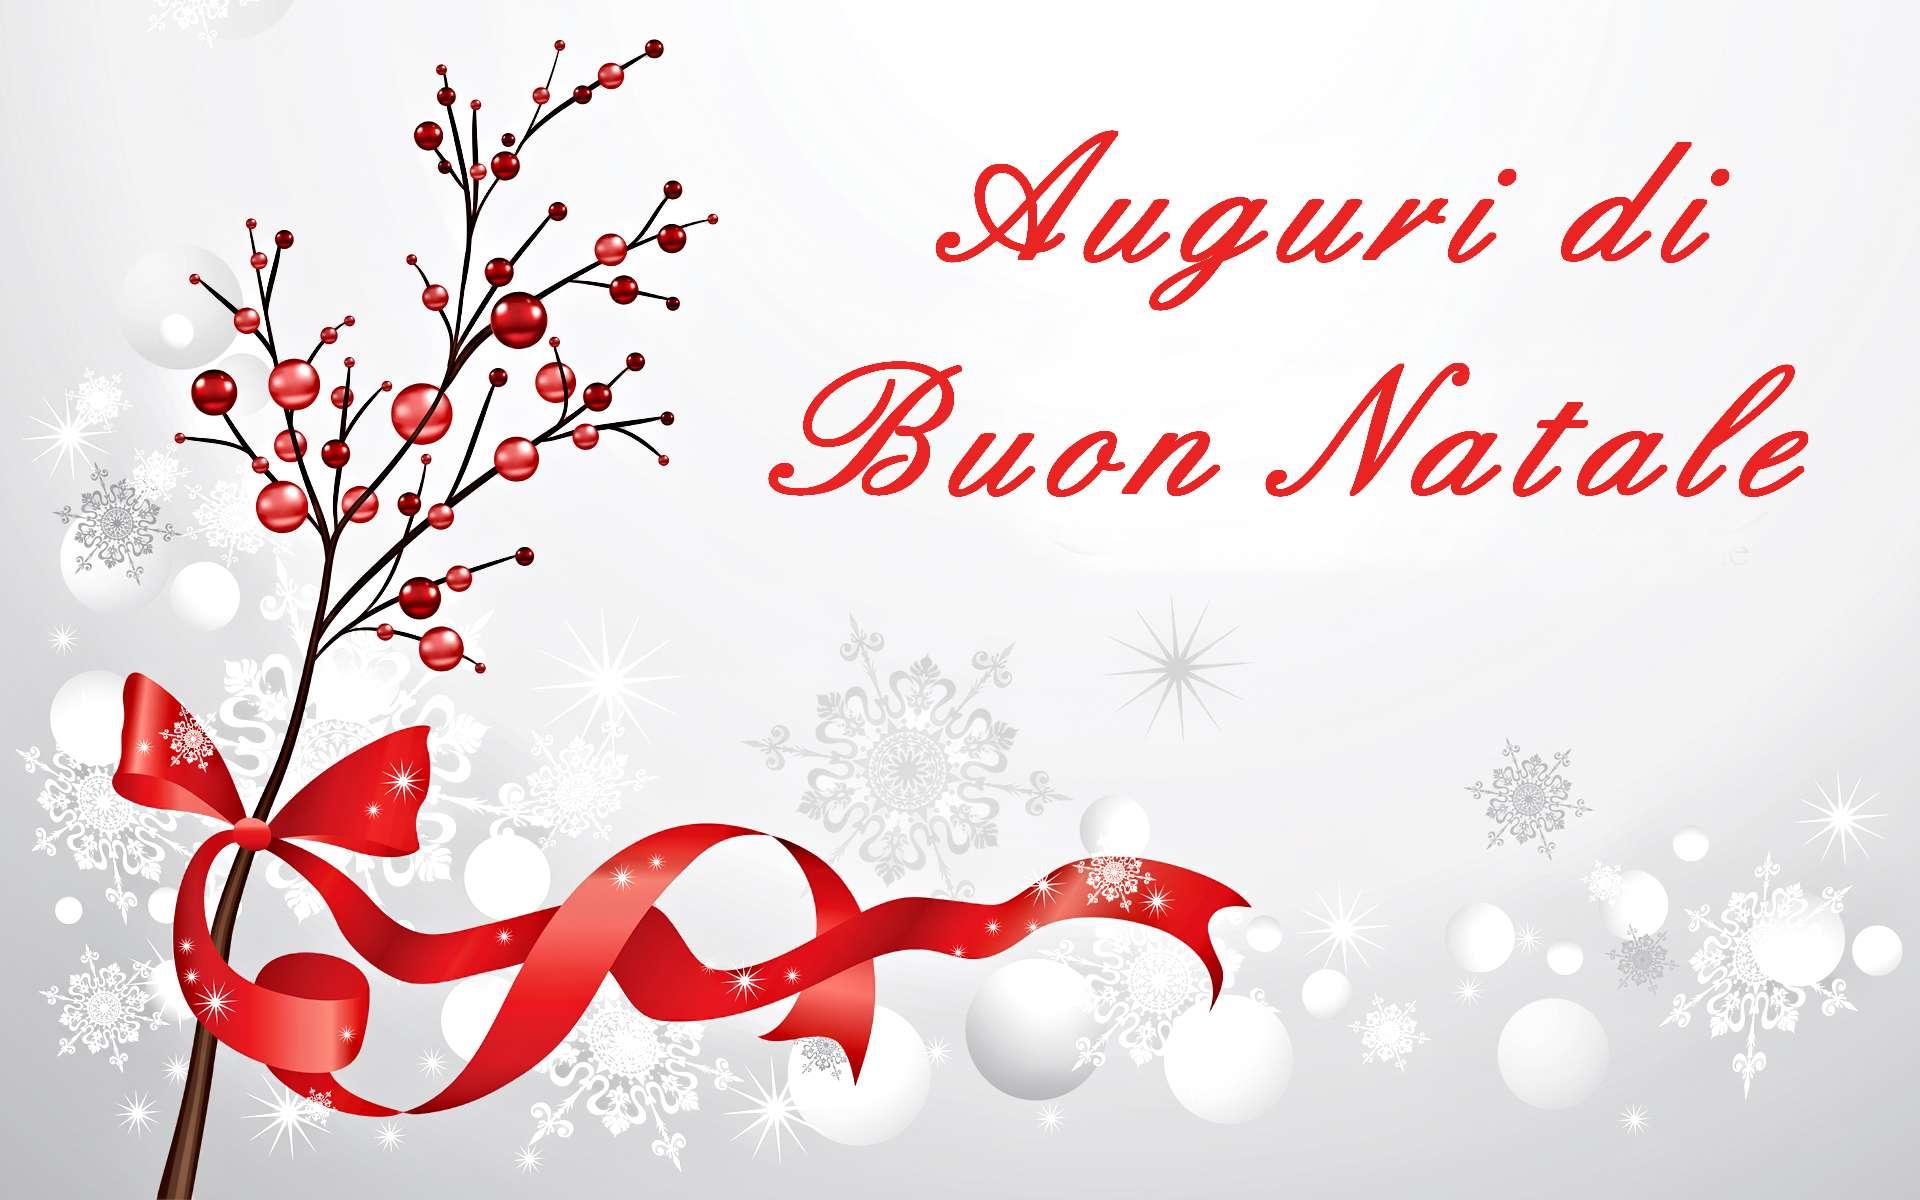 Рождественское поздравление на итальянском